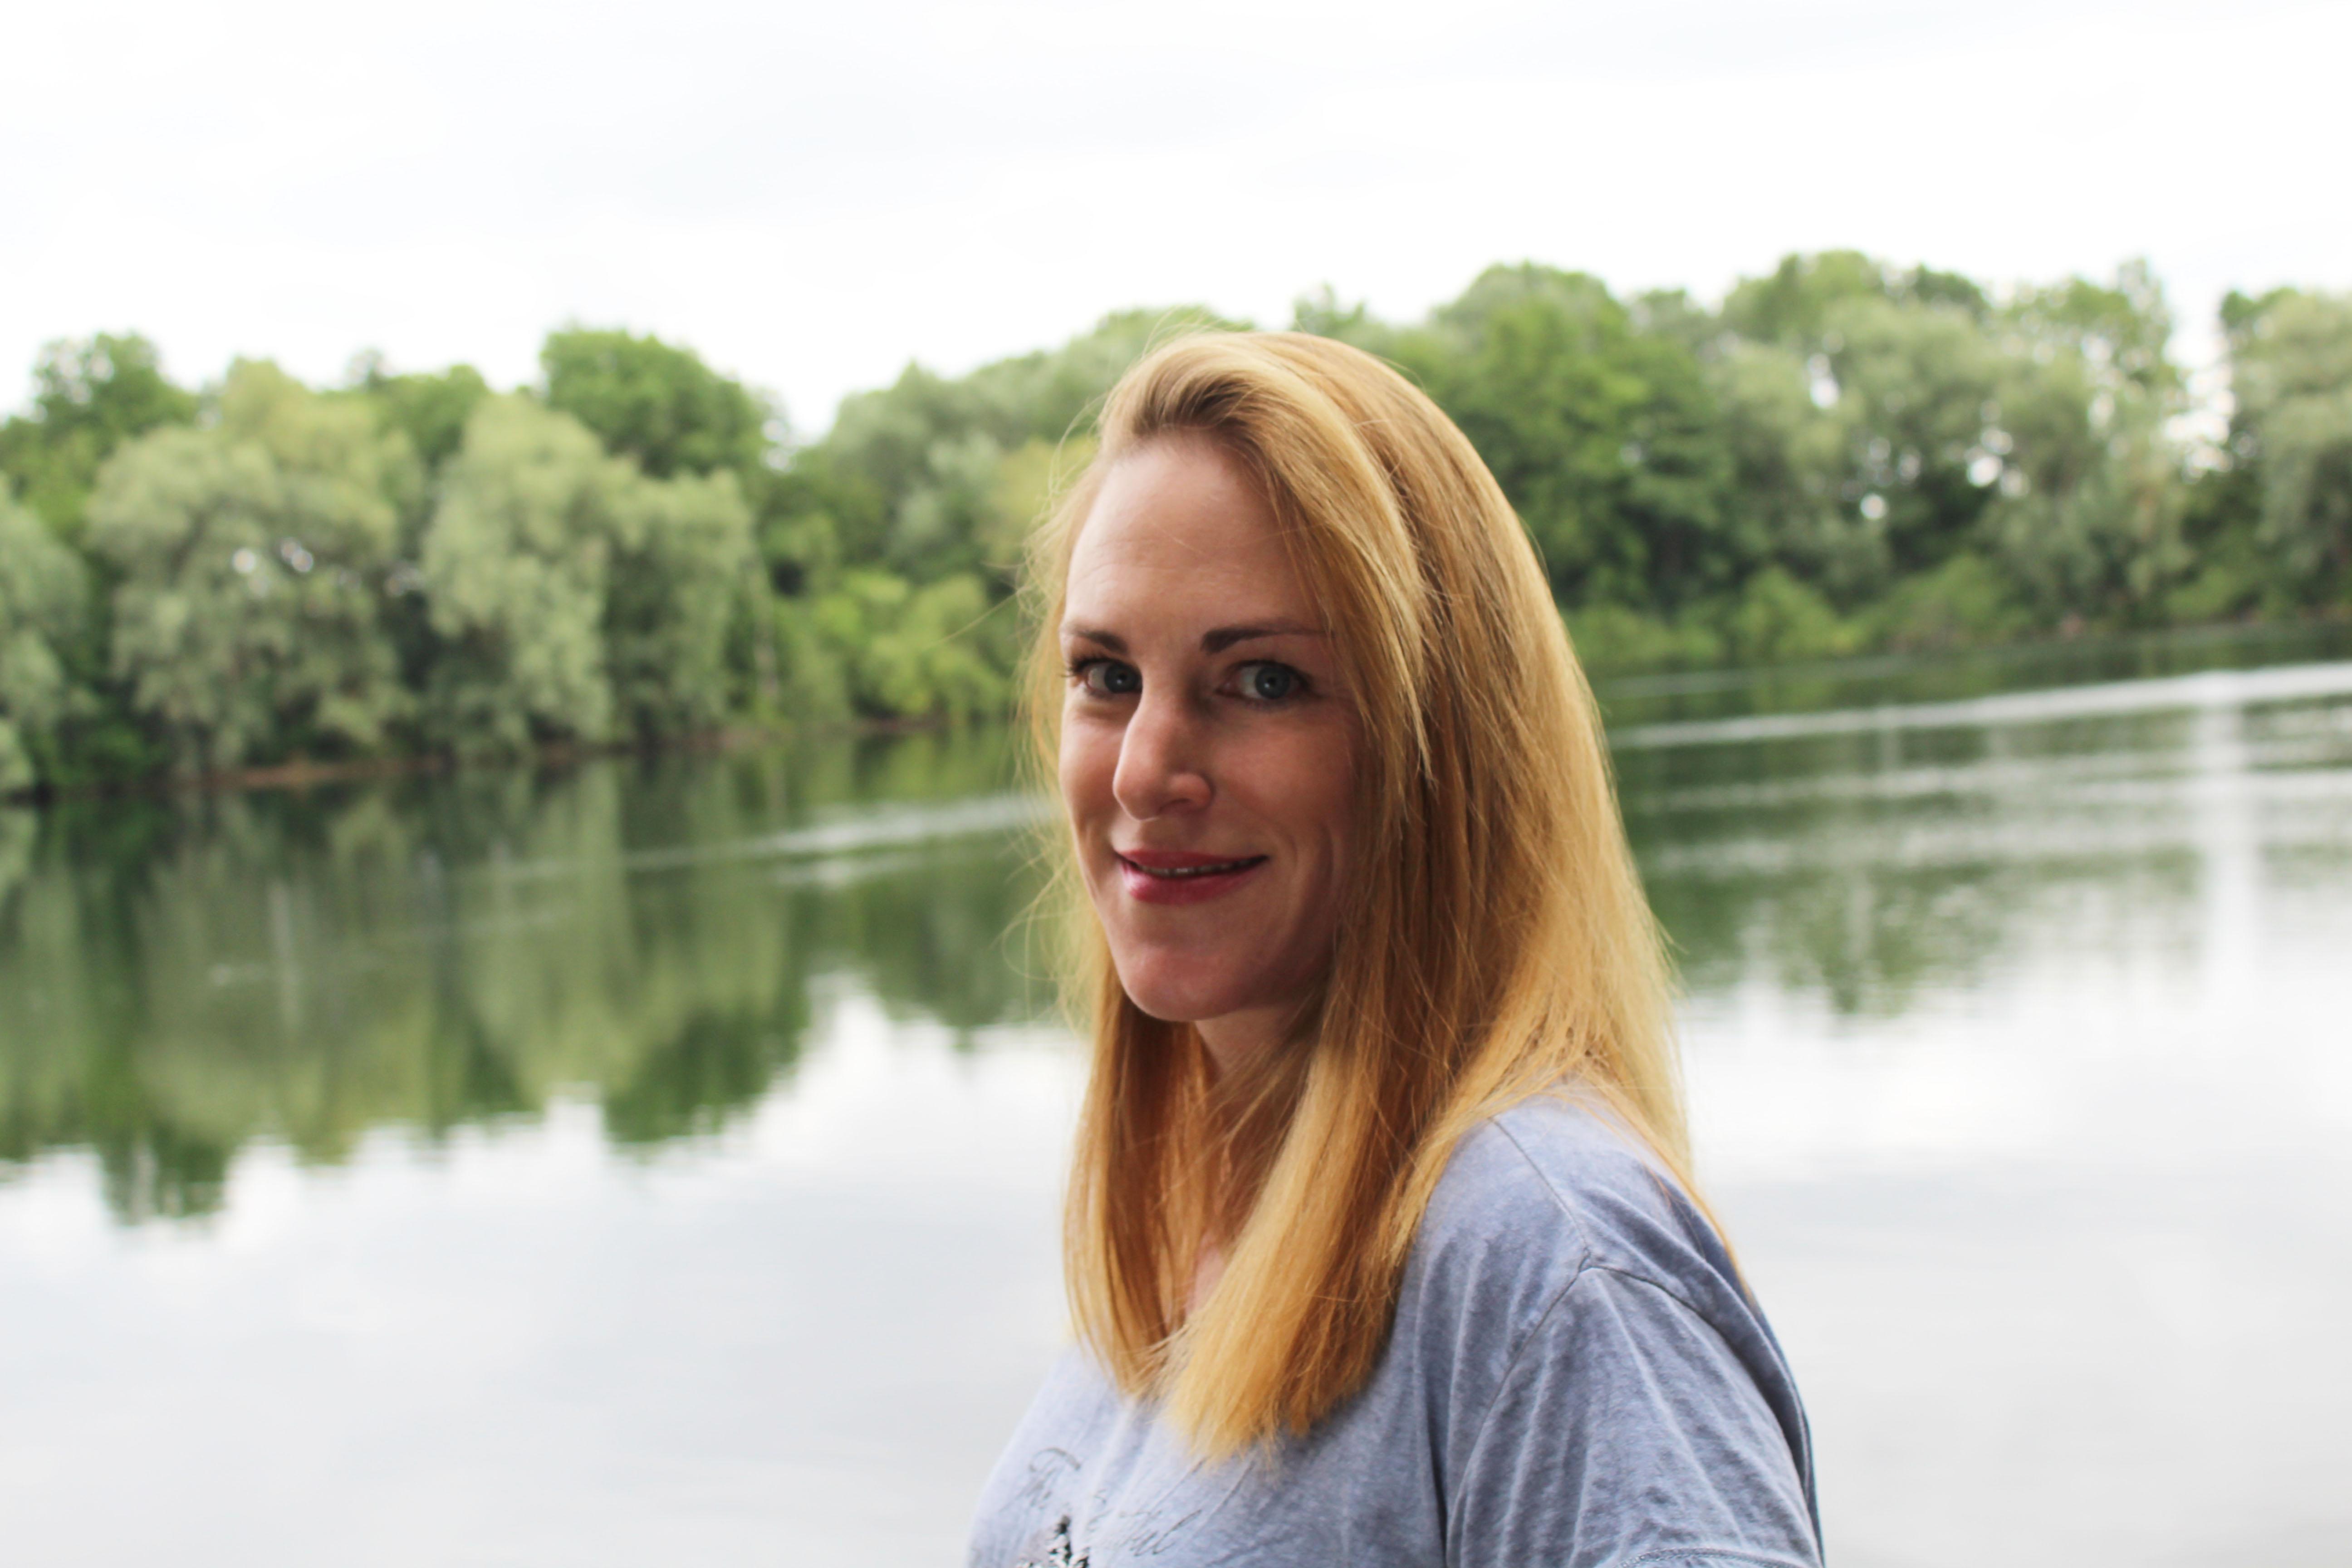 Stefanie Mittweg